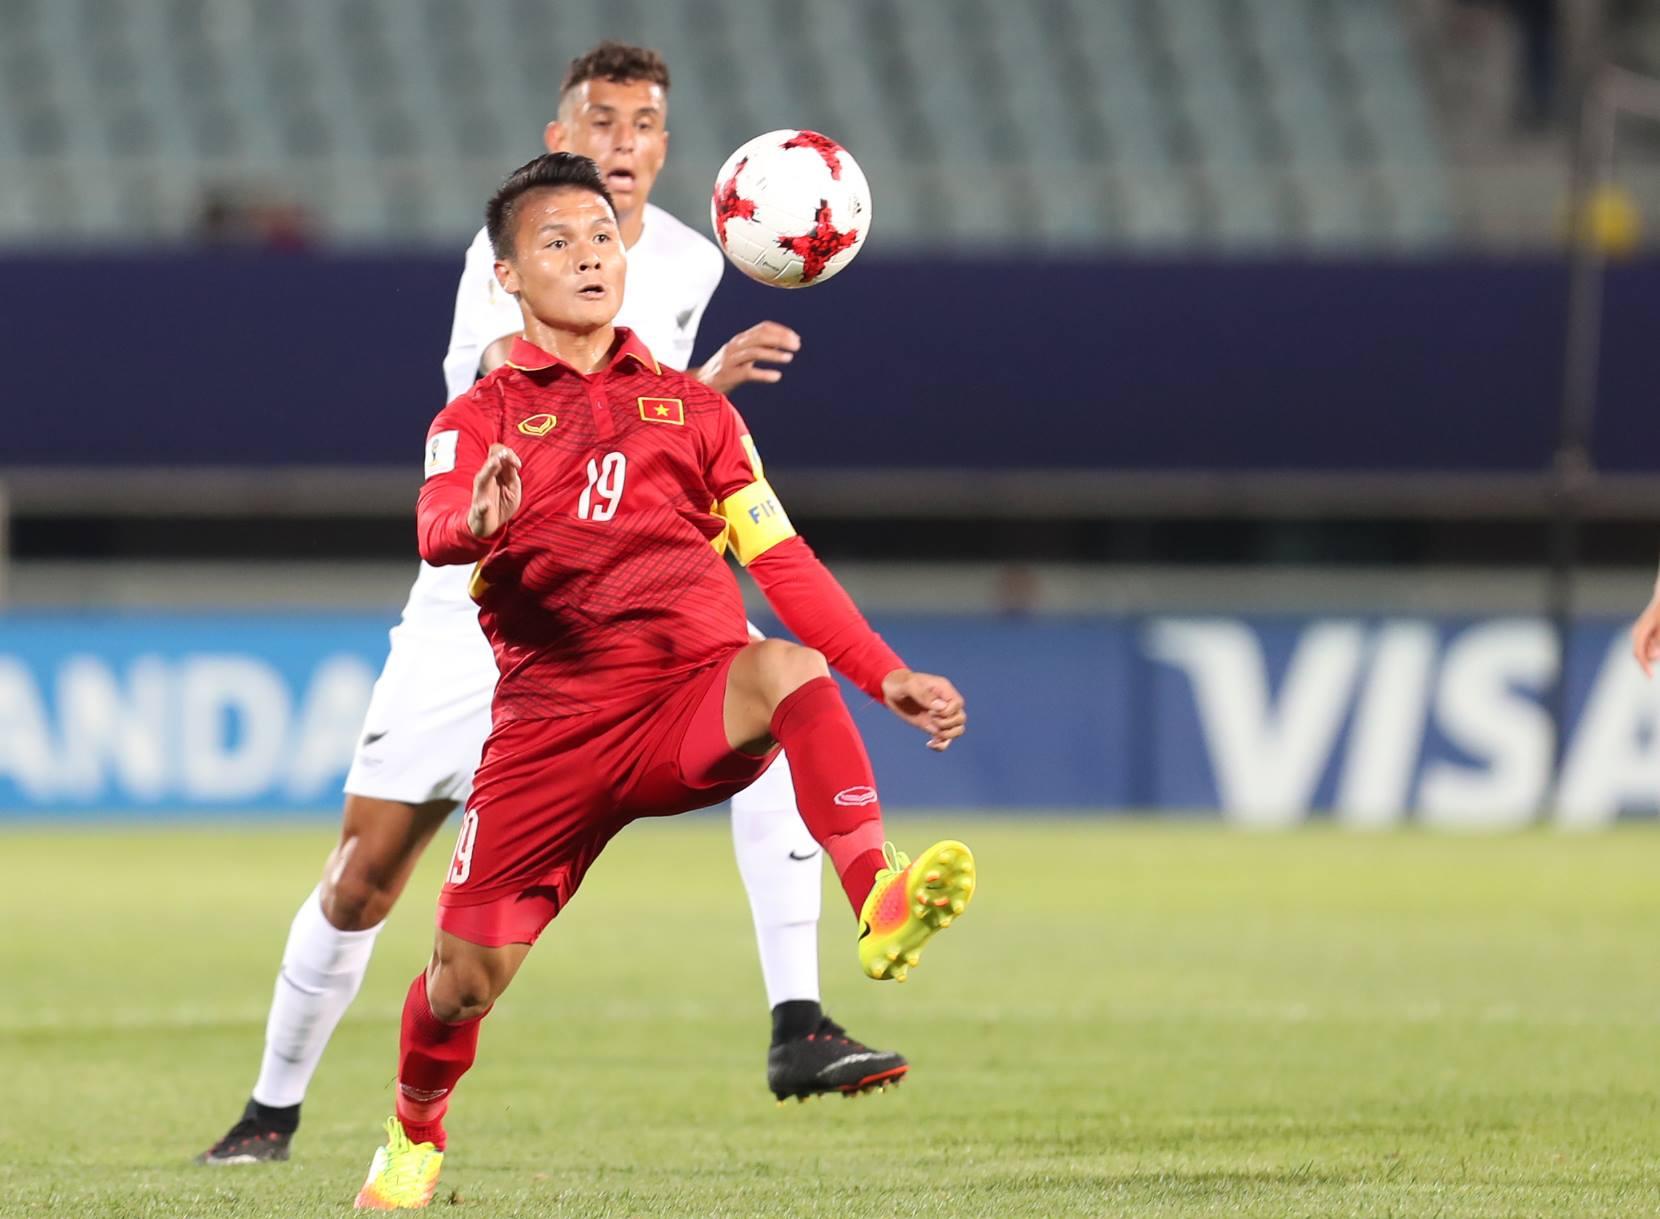 Đồng hành cùng U20 Việt Nam: Cứ đá sòng phẳng với Pháp, vì đó là visa đi châu Âu!